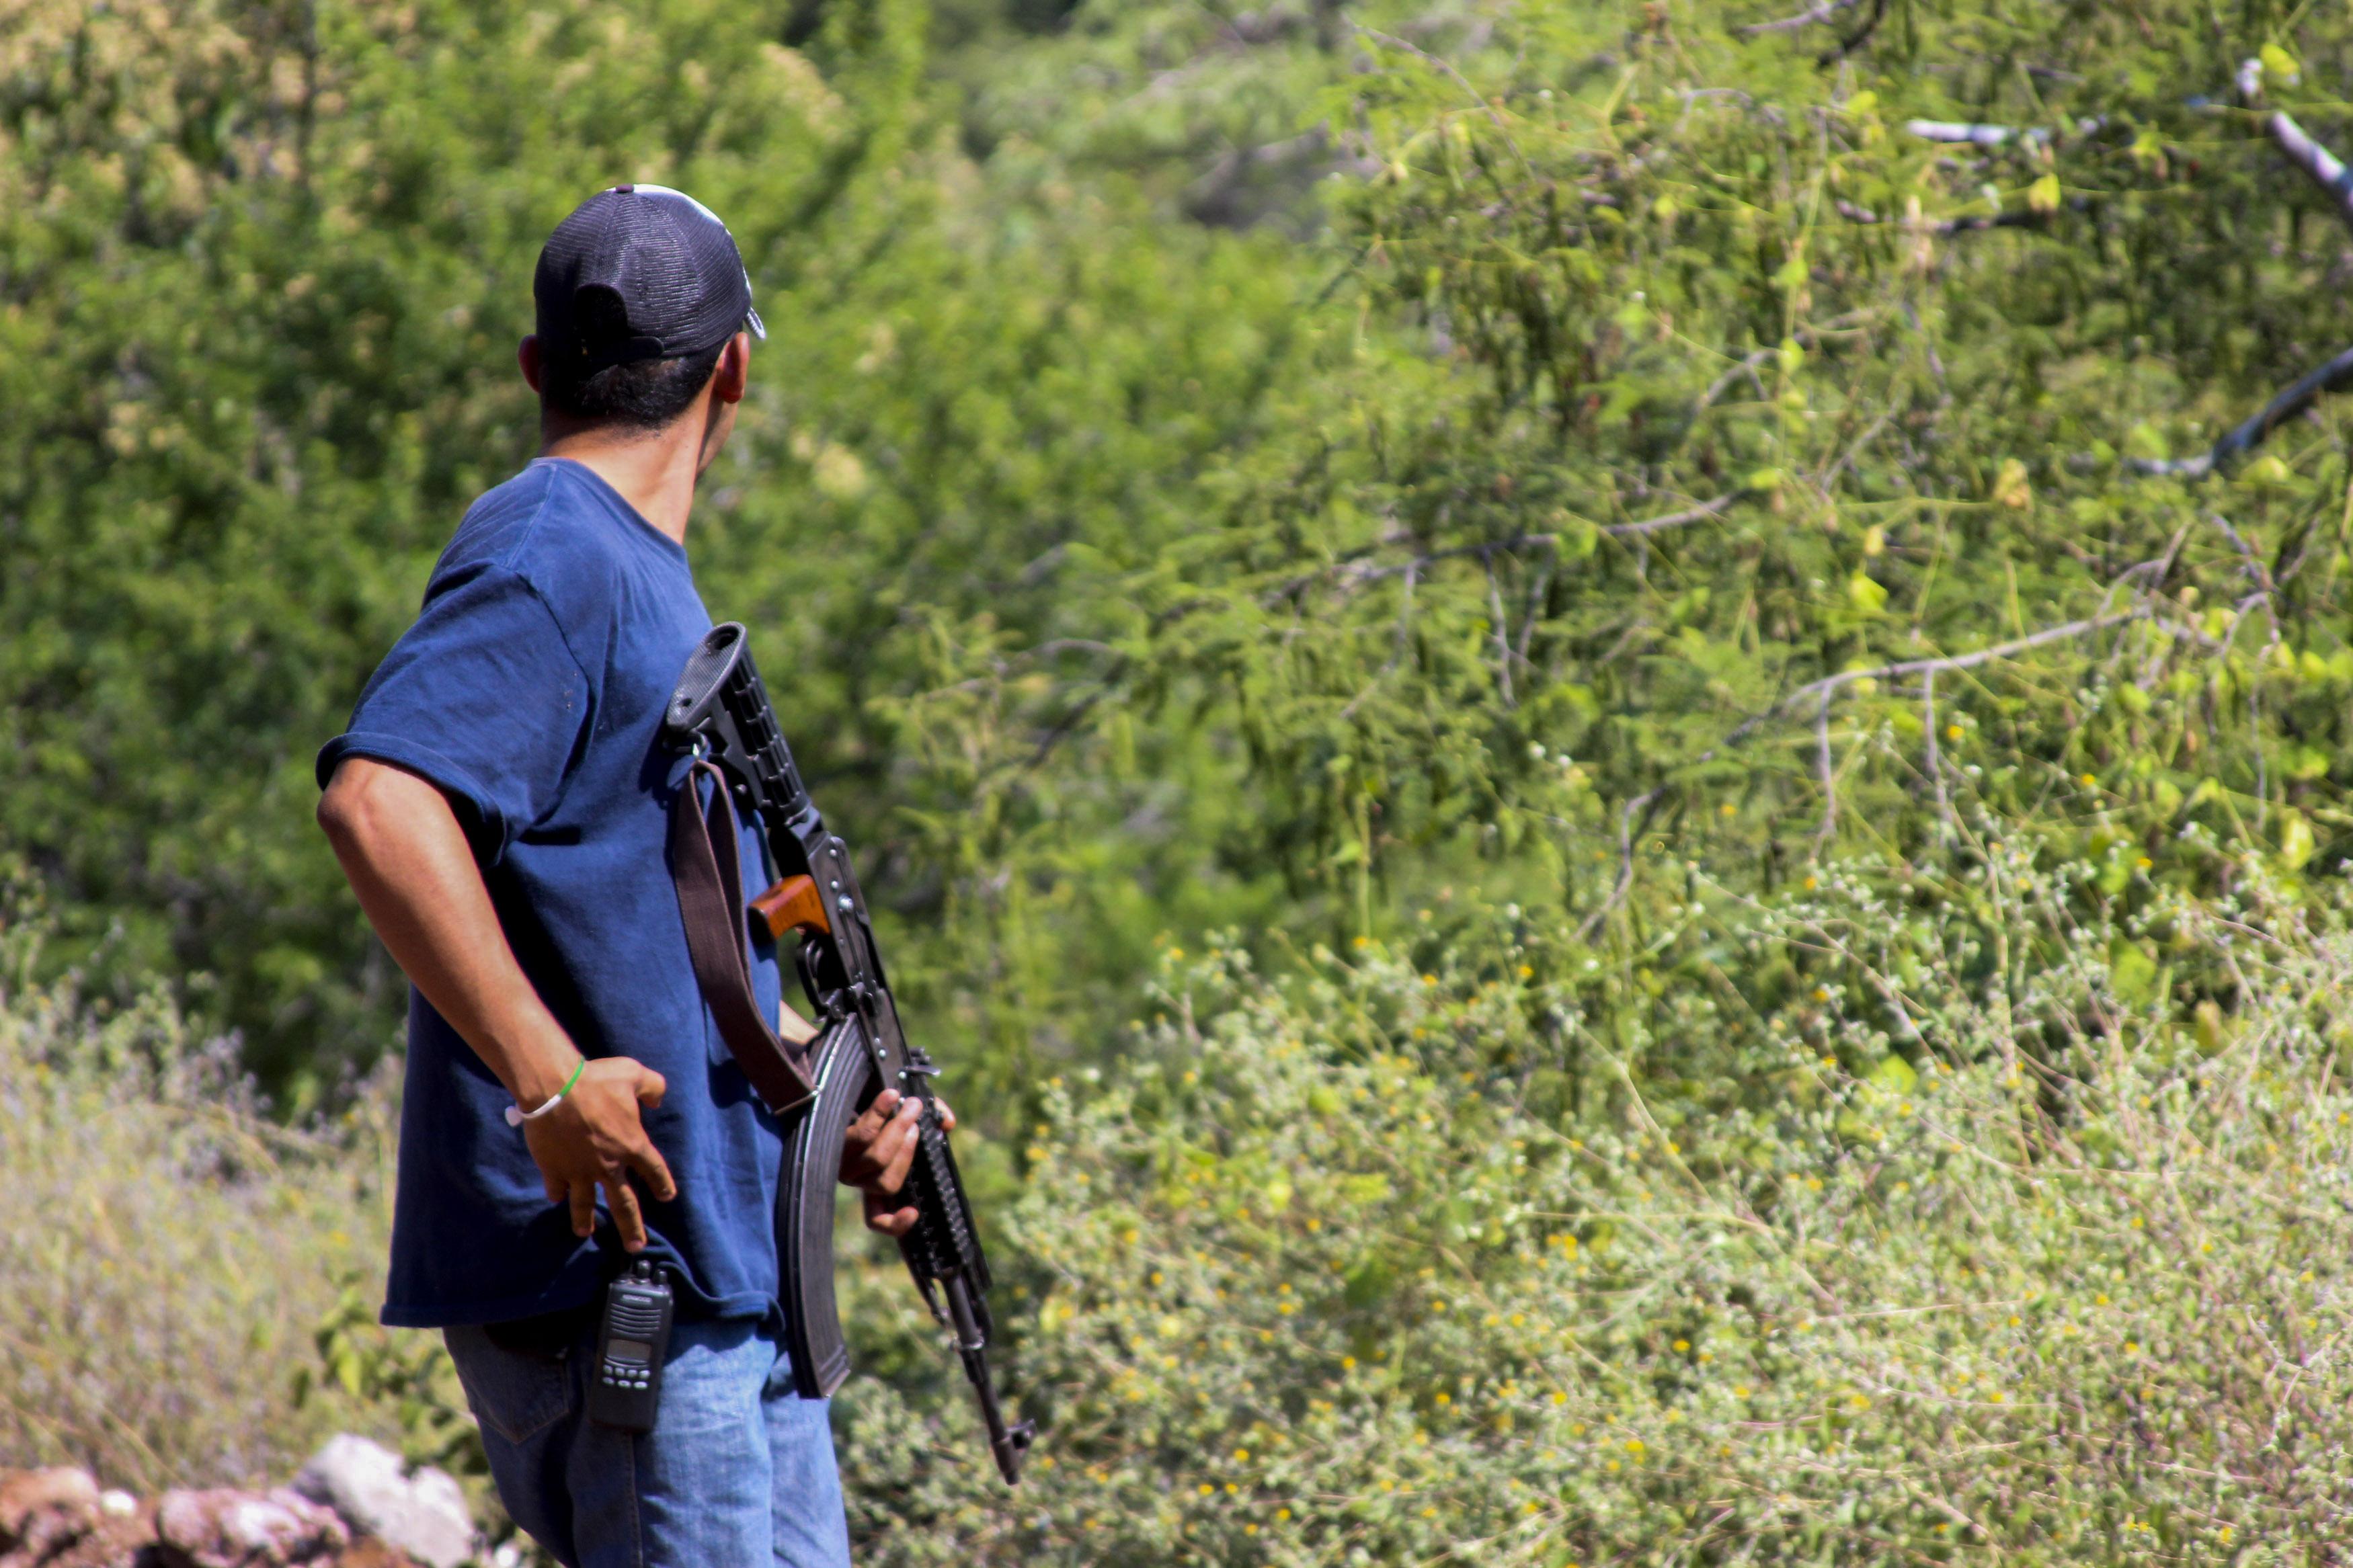 En Guerrero, la violencia y el abandono de las autoridades, ha orillado a los pobladores a formar autodefensas (Foto: Cuartoscuro)